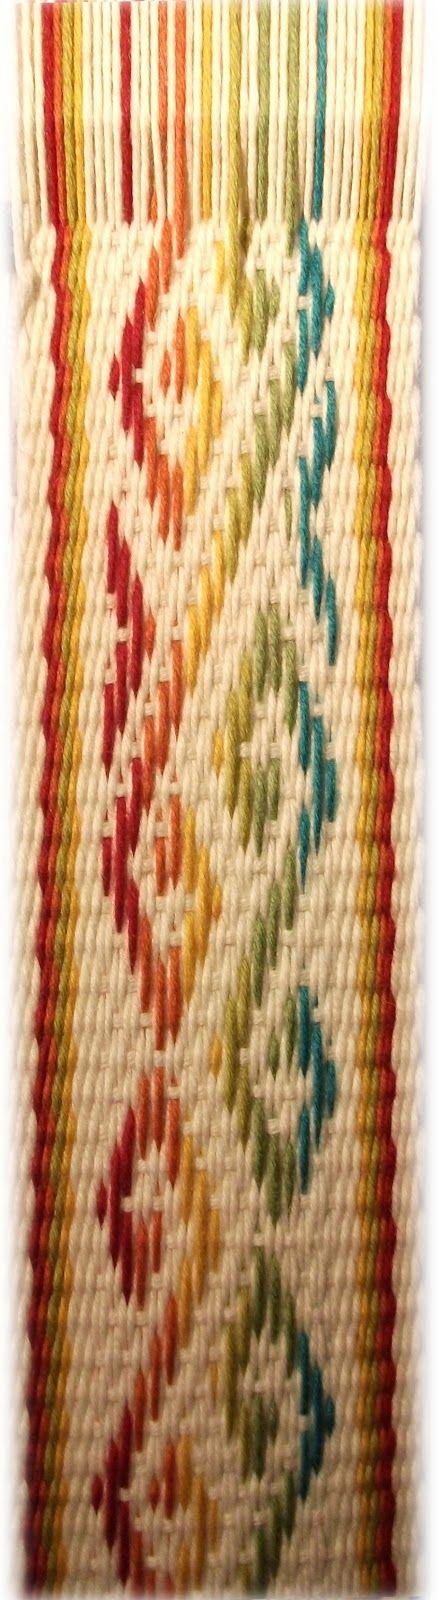 Lalen kuzé, pequeña tejedora de arrugadas manos de tanto hilar, pasas días y noches estirando el vellón; juntando lana ...